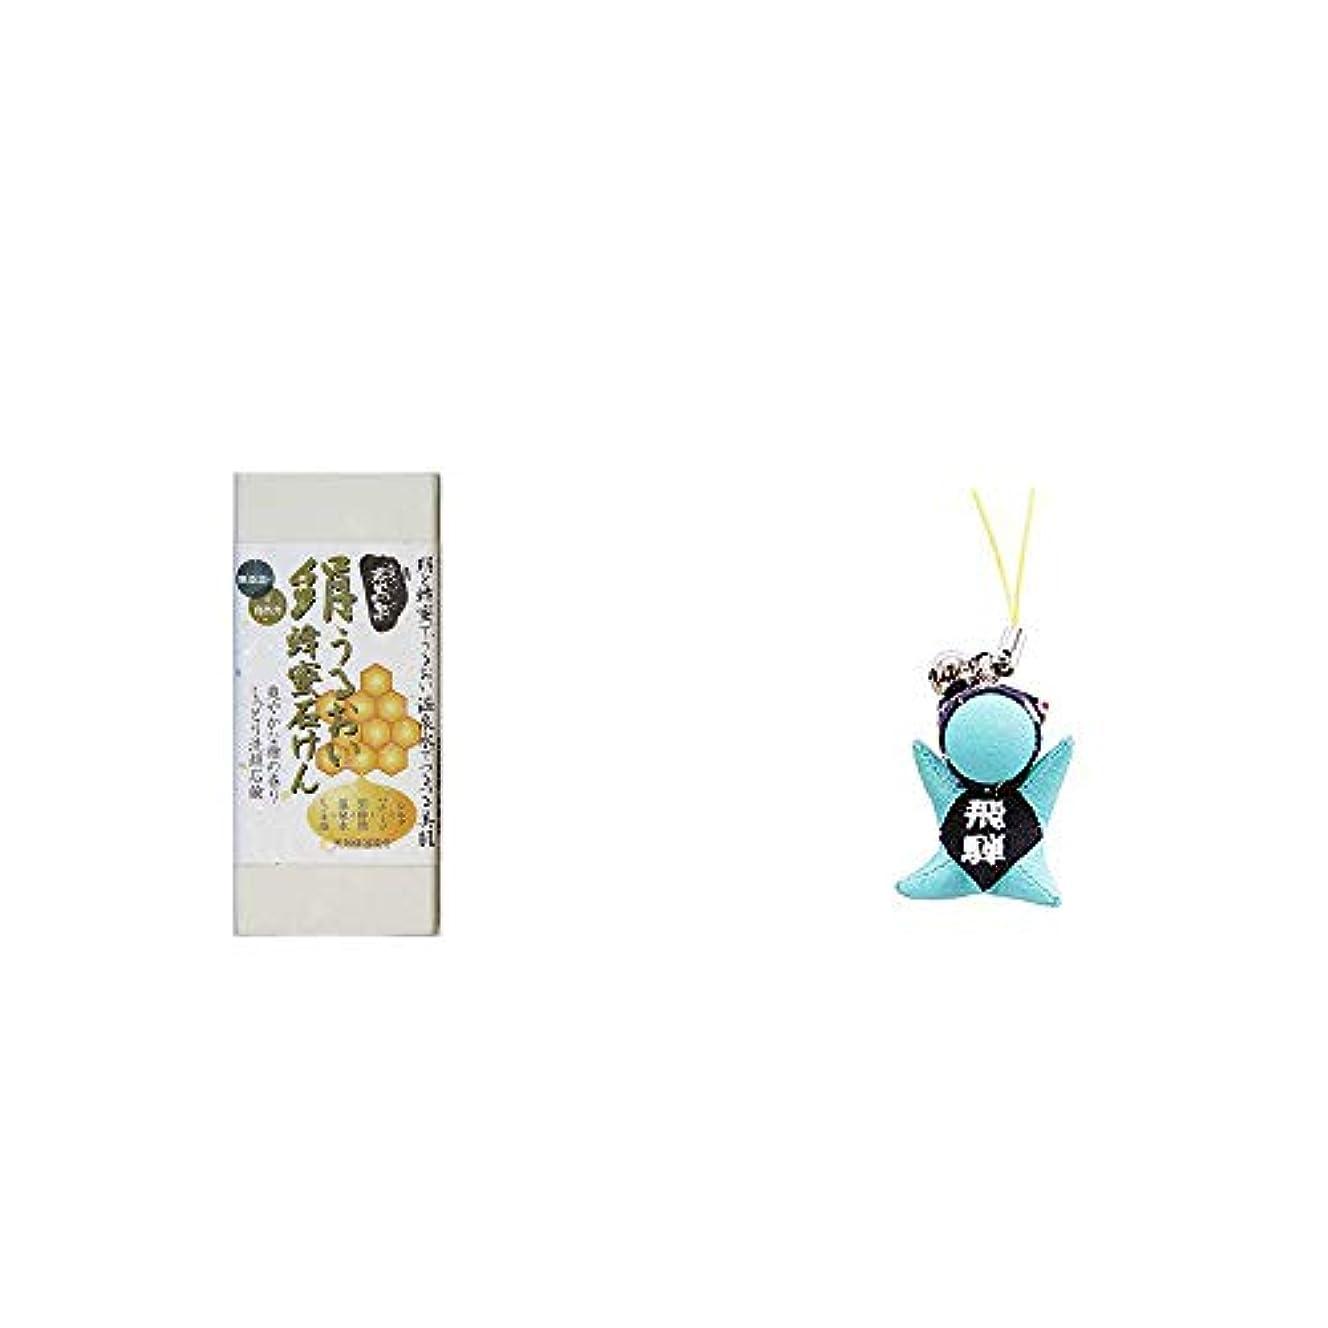 結紮ストリップ破滅的な[2点セット] ひのき炭黒泉 絹うるおい蜂蜜石けん(75g×2)?さるぼぼ幸福ストラップ 【青】 / 風水カラー全9種類 合格祈願?出世祈願 お守り//